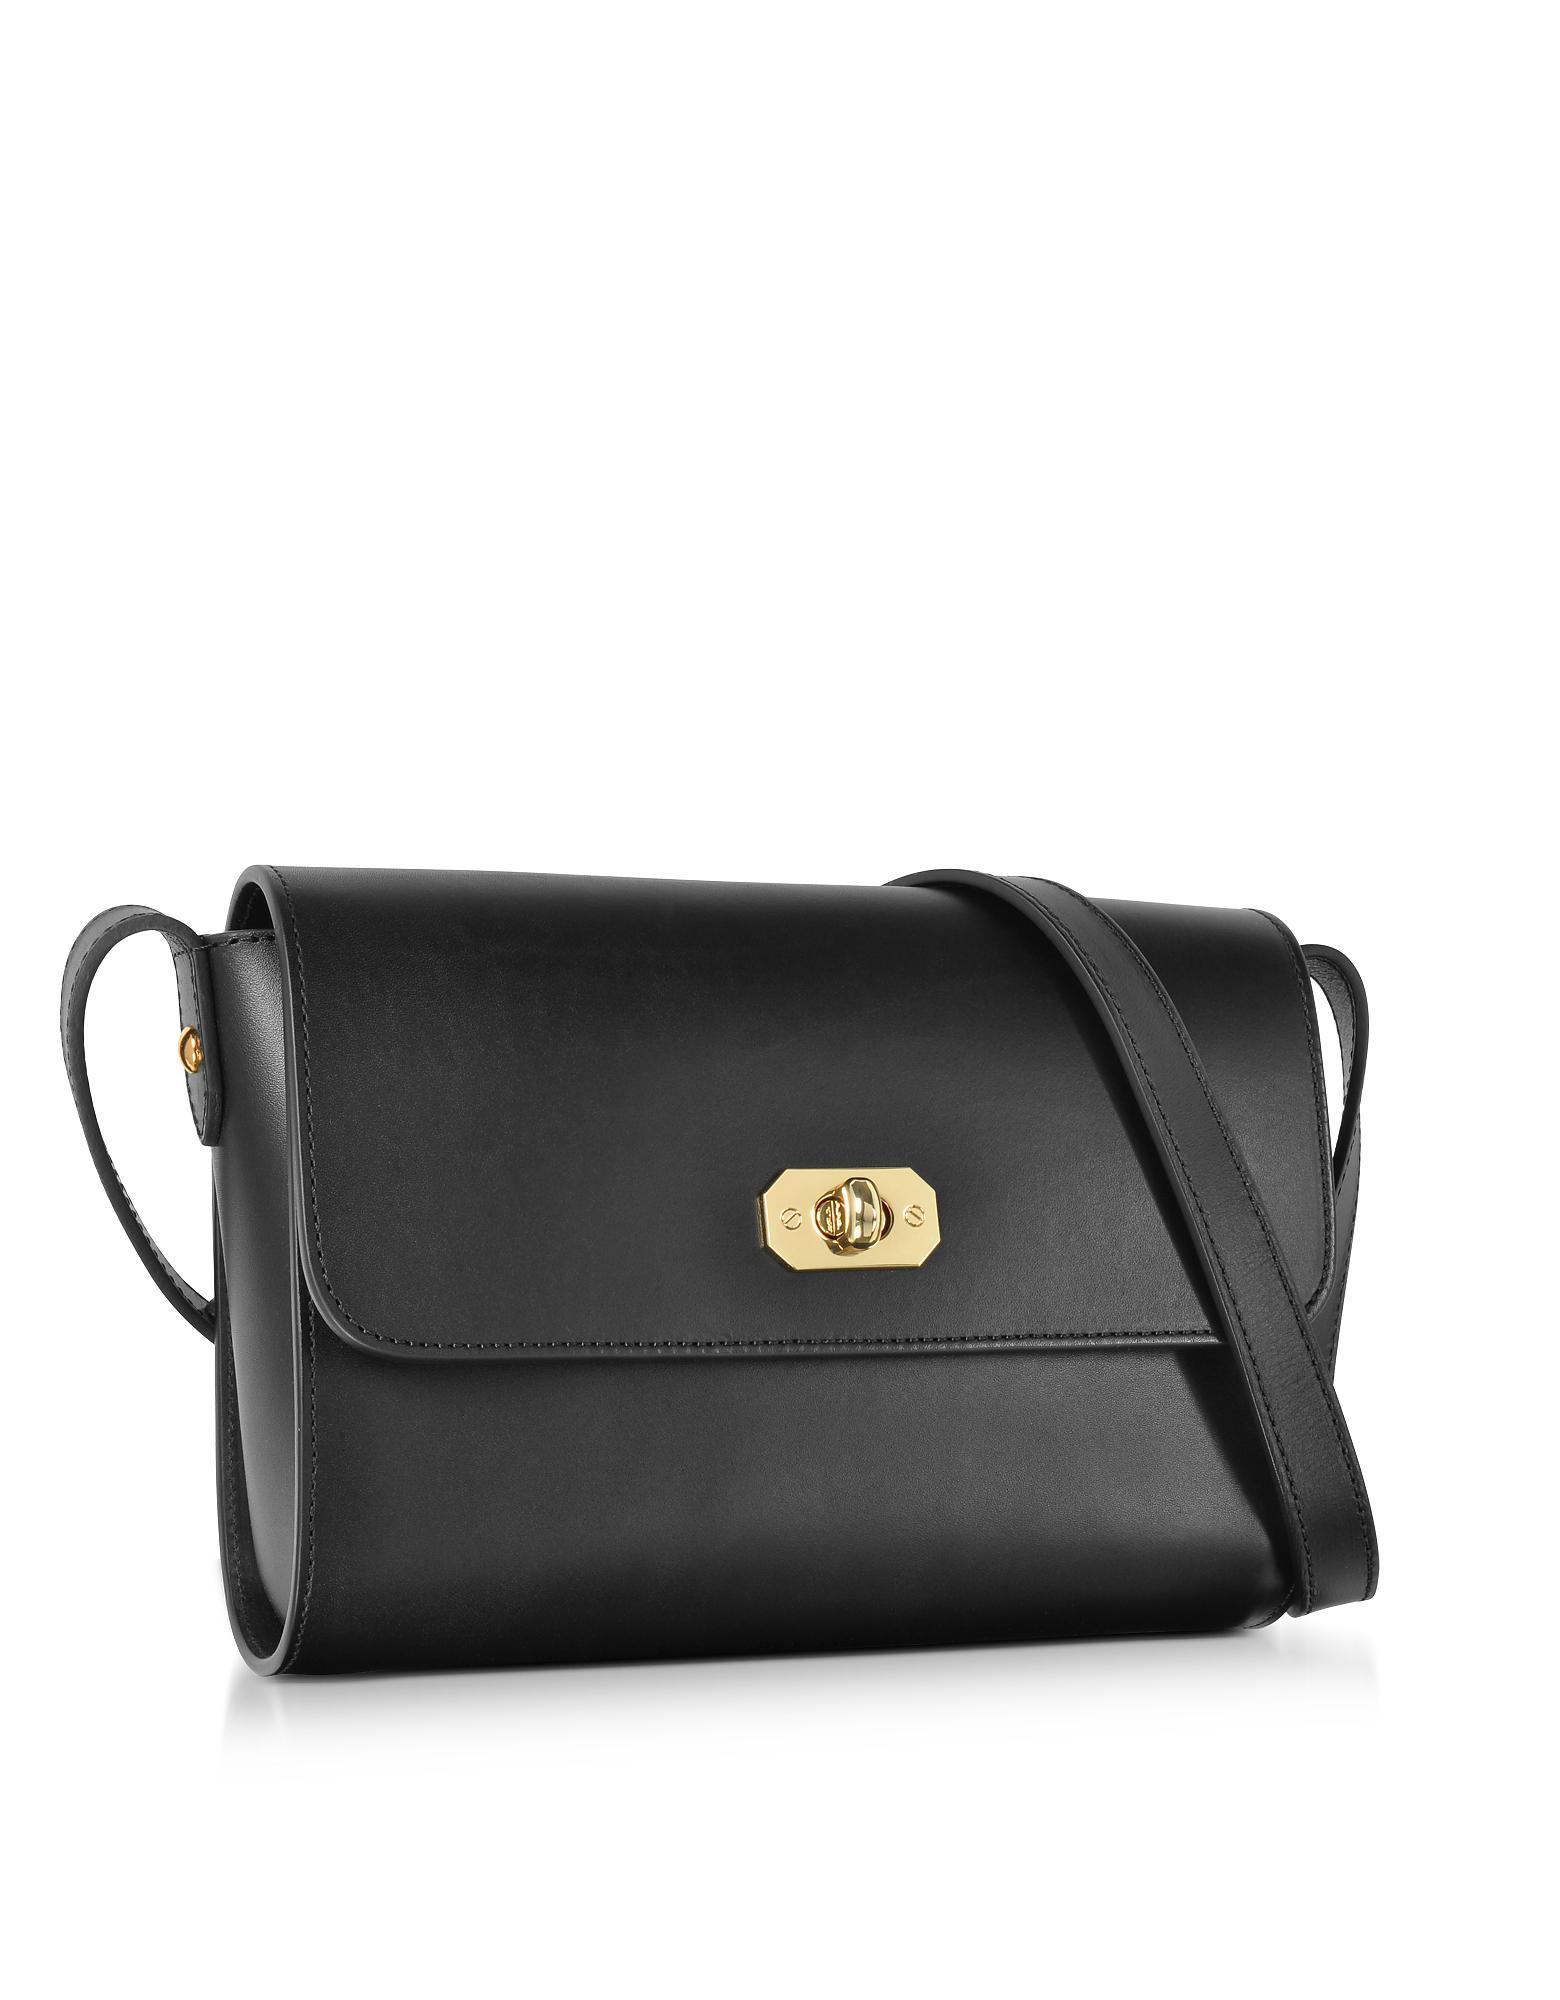 355a930eeb Lyst - A.P.C. Greenwich Black Leather Crossbody Bag in Black